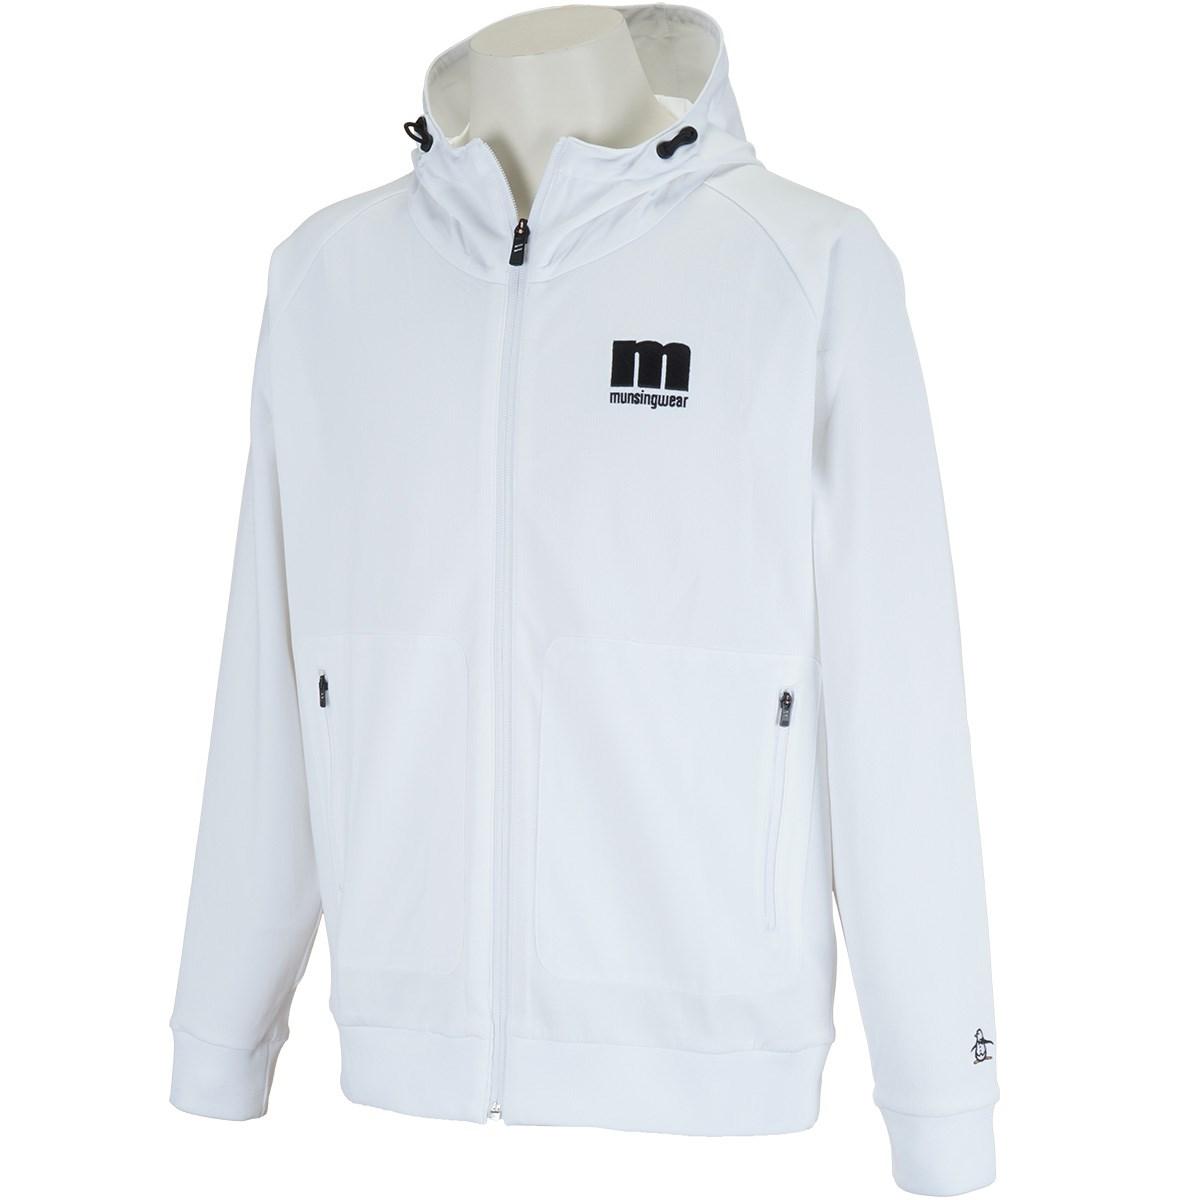 マンシングウェア Munsingwear ENVOY ハイブリッド前開きフルジップパーカー M ホワイト 00